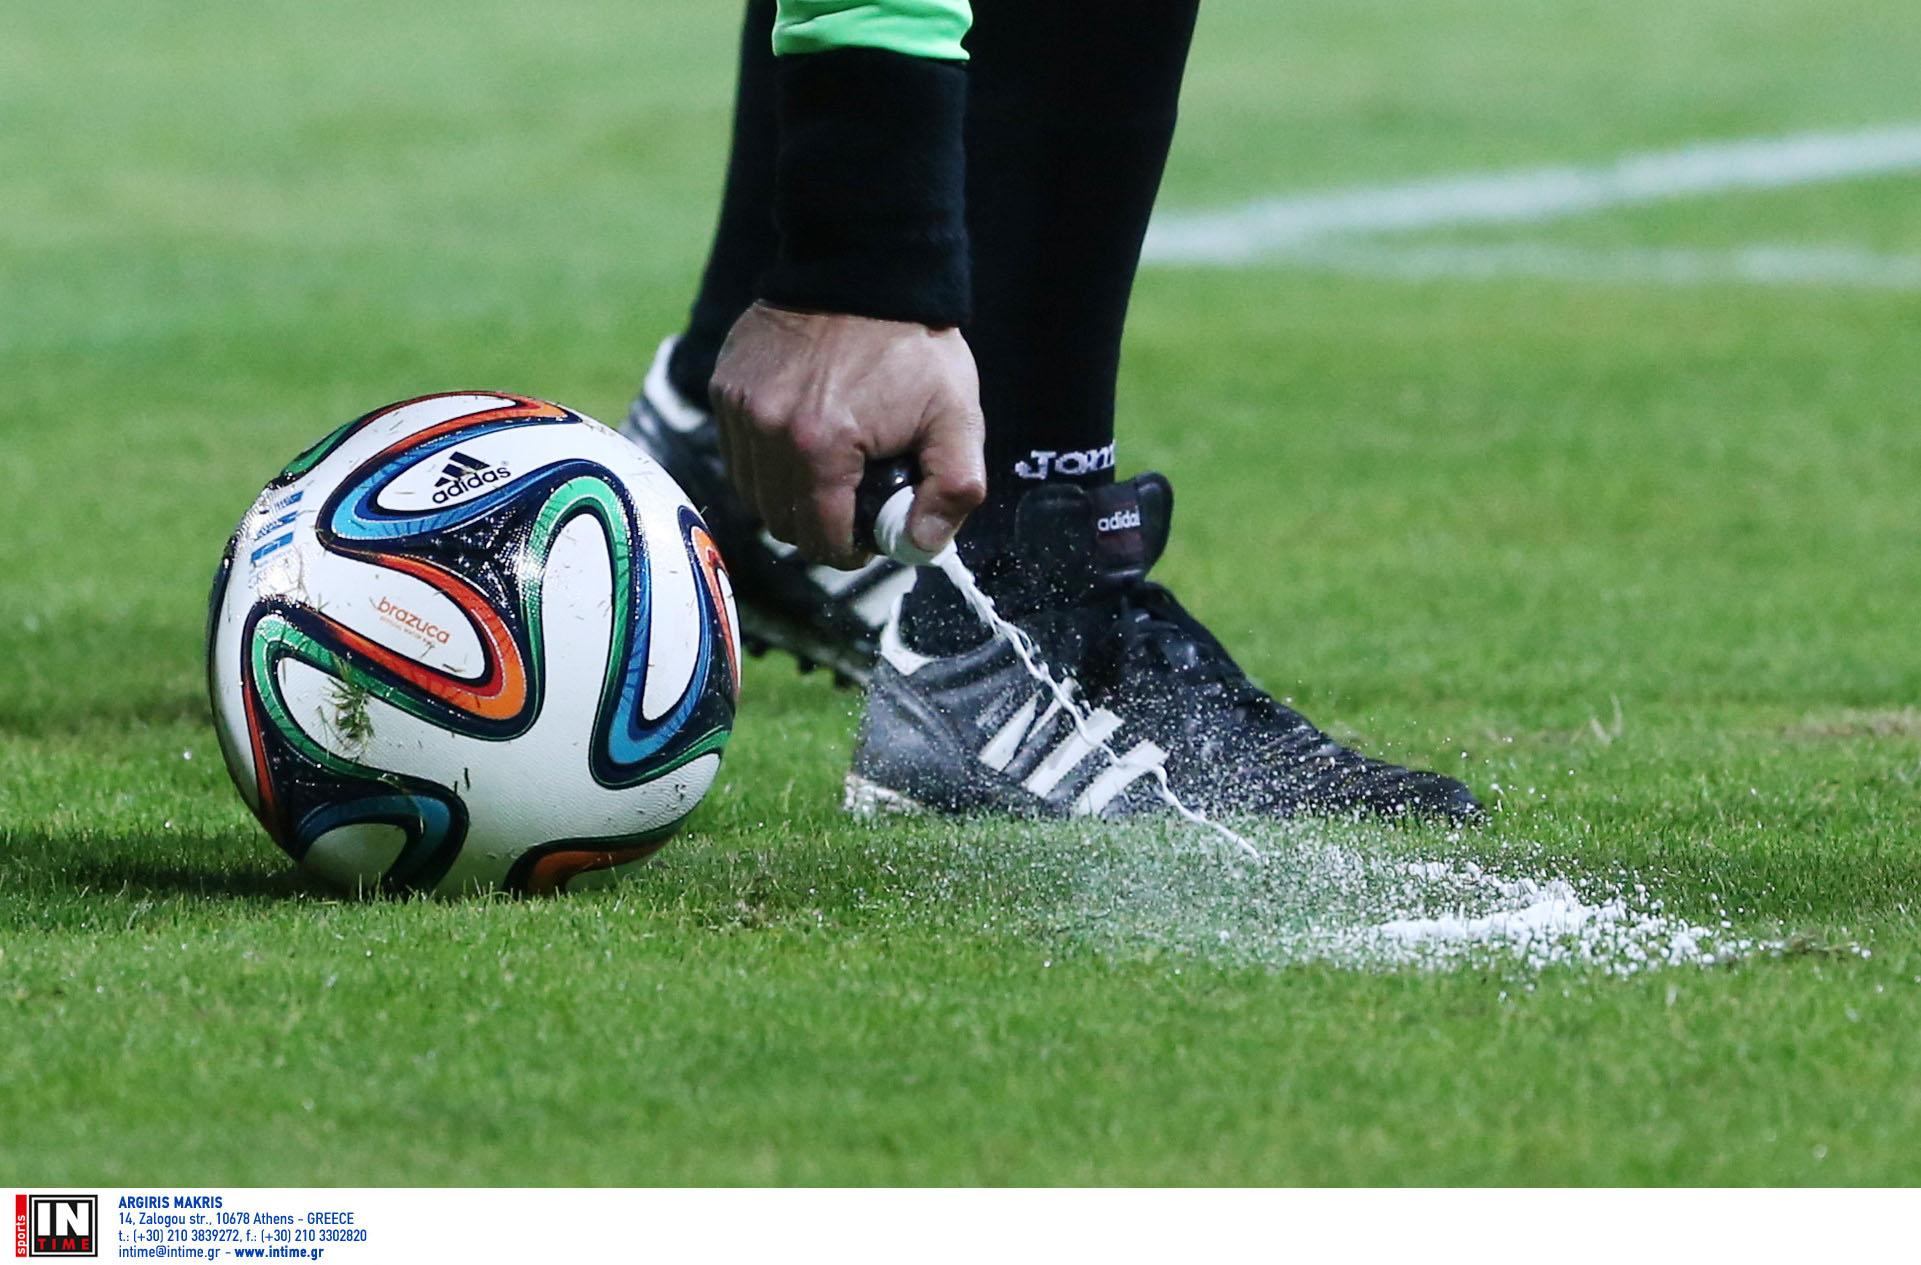 Κύπελλο Ελλάδας: Αυτοί είναι οι διαιτητές στα ημιτελικά